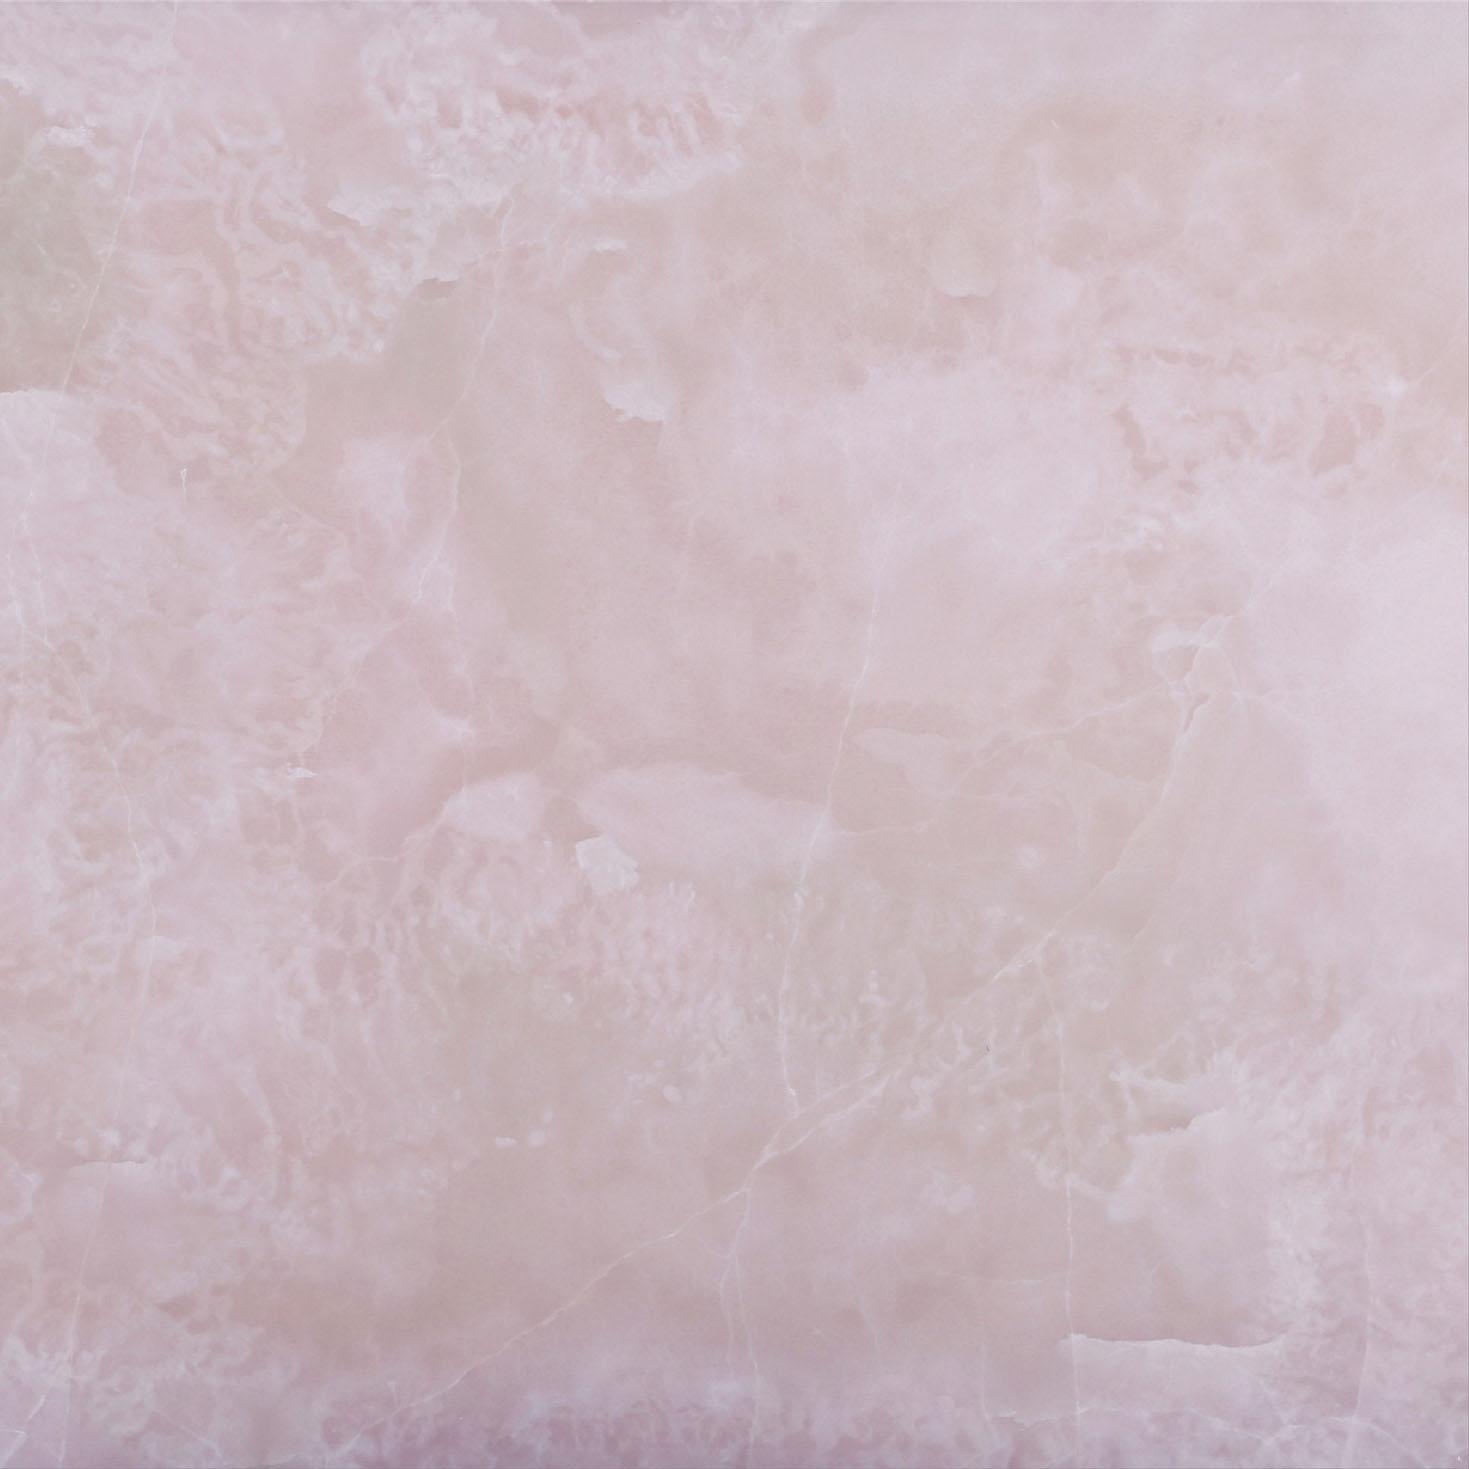 Pink Onyx Slab : Pink onyx slab stoneadd search keyword